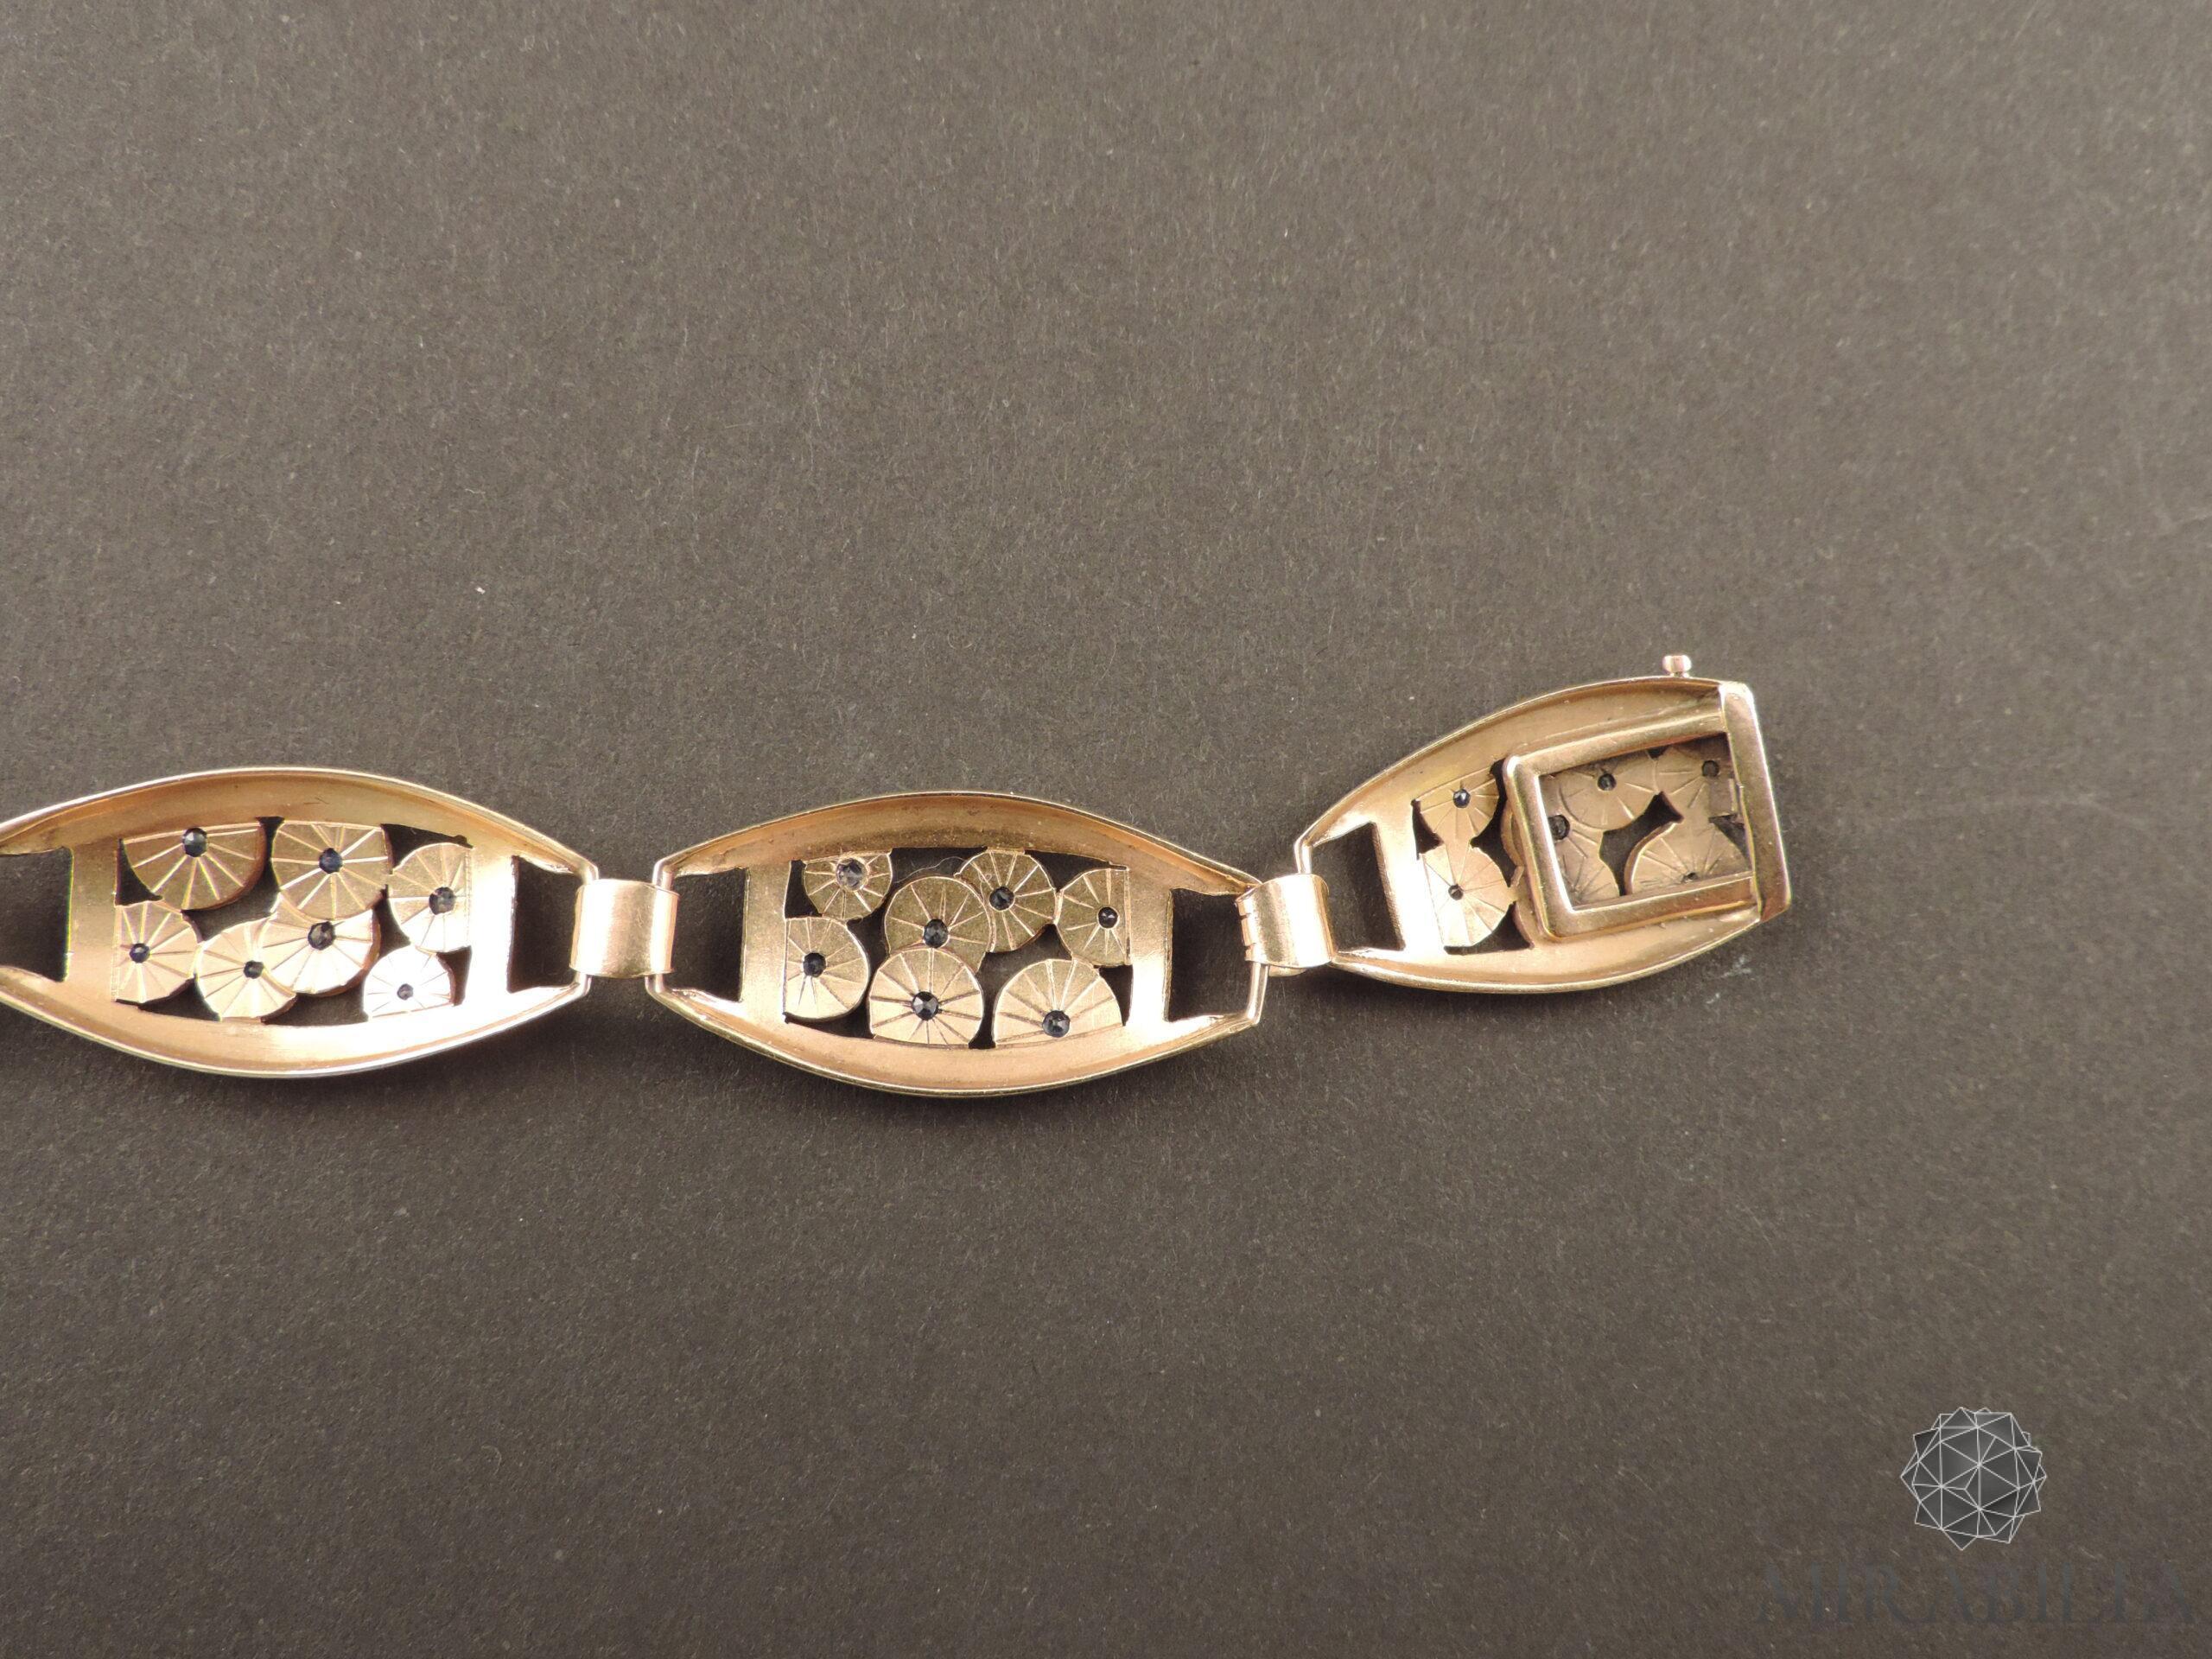 Bracciale Art Déco in oro, argento e zaffiri (dettaglio retro)